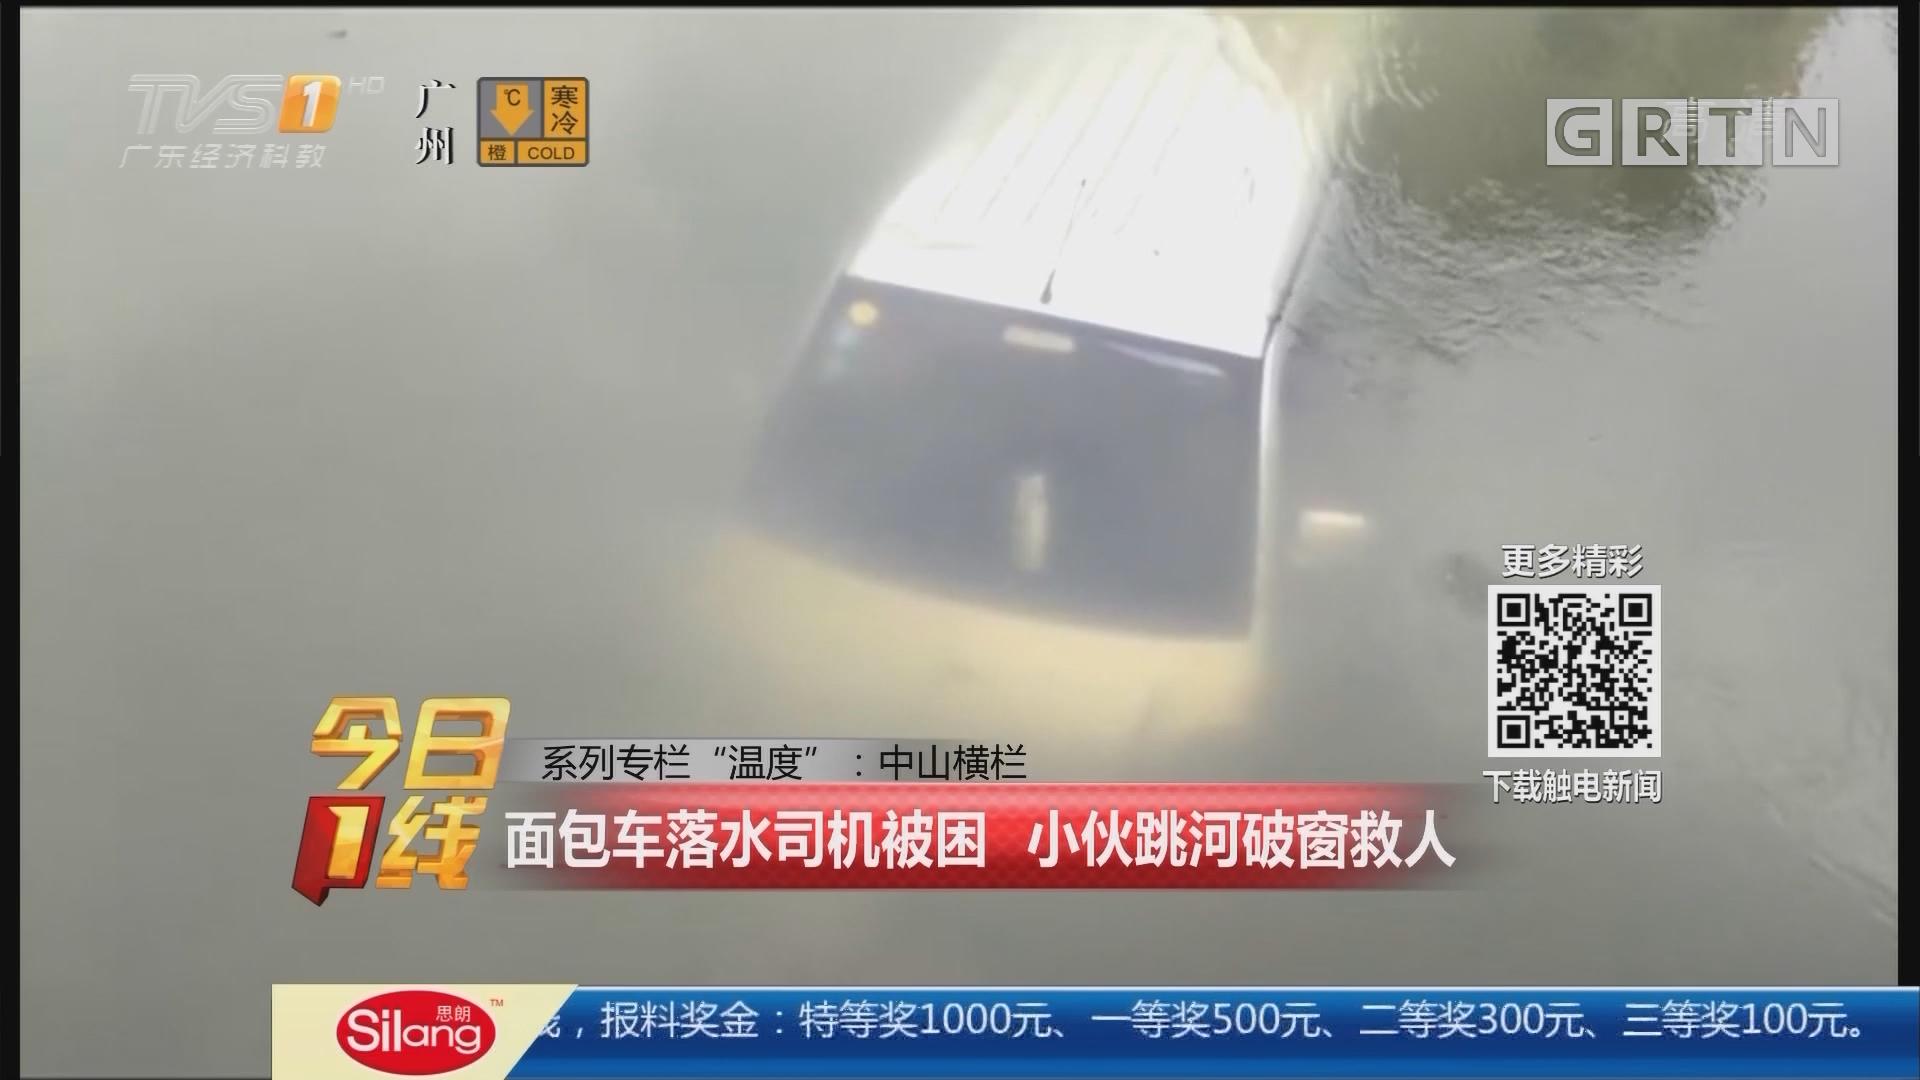 """系列专栏""""温度"""":中山横栏 面包车落水司机被困 小伙跳河破窗救人"""